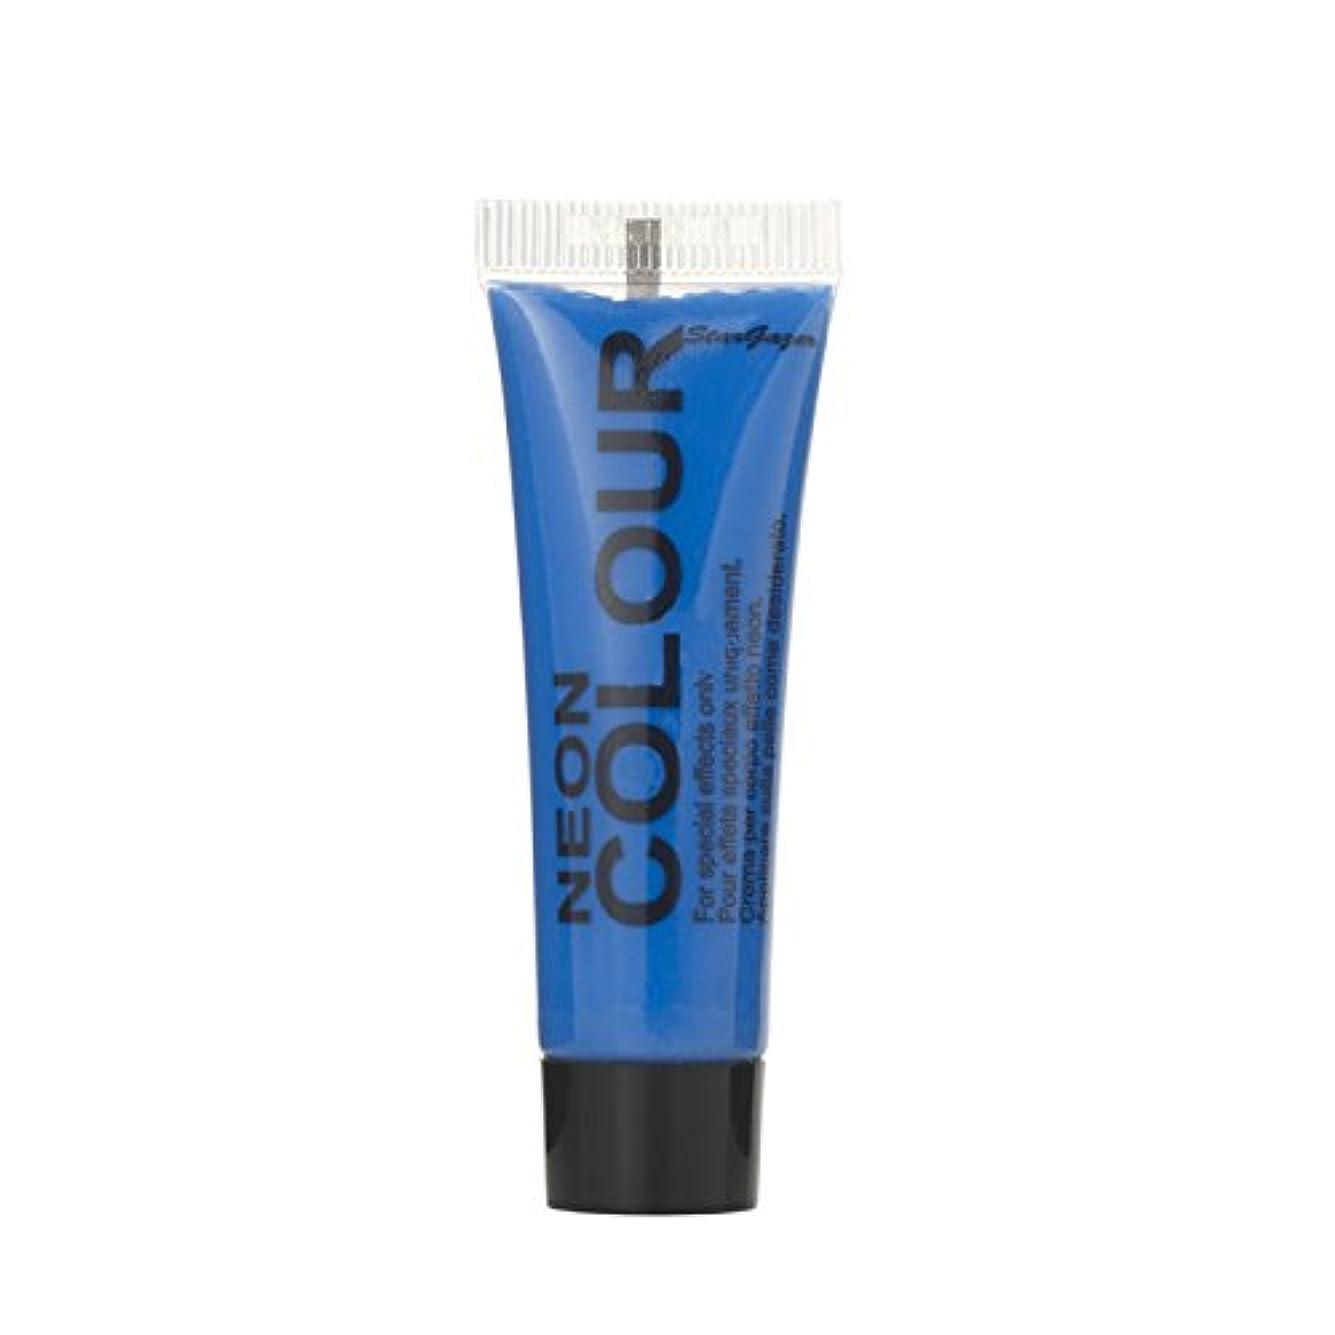 パッド自動スリムアレス スターゲイザー ネオンペイント 10ml ブルー(UV)